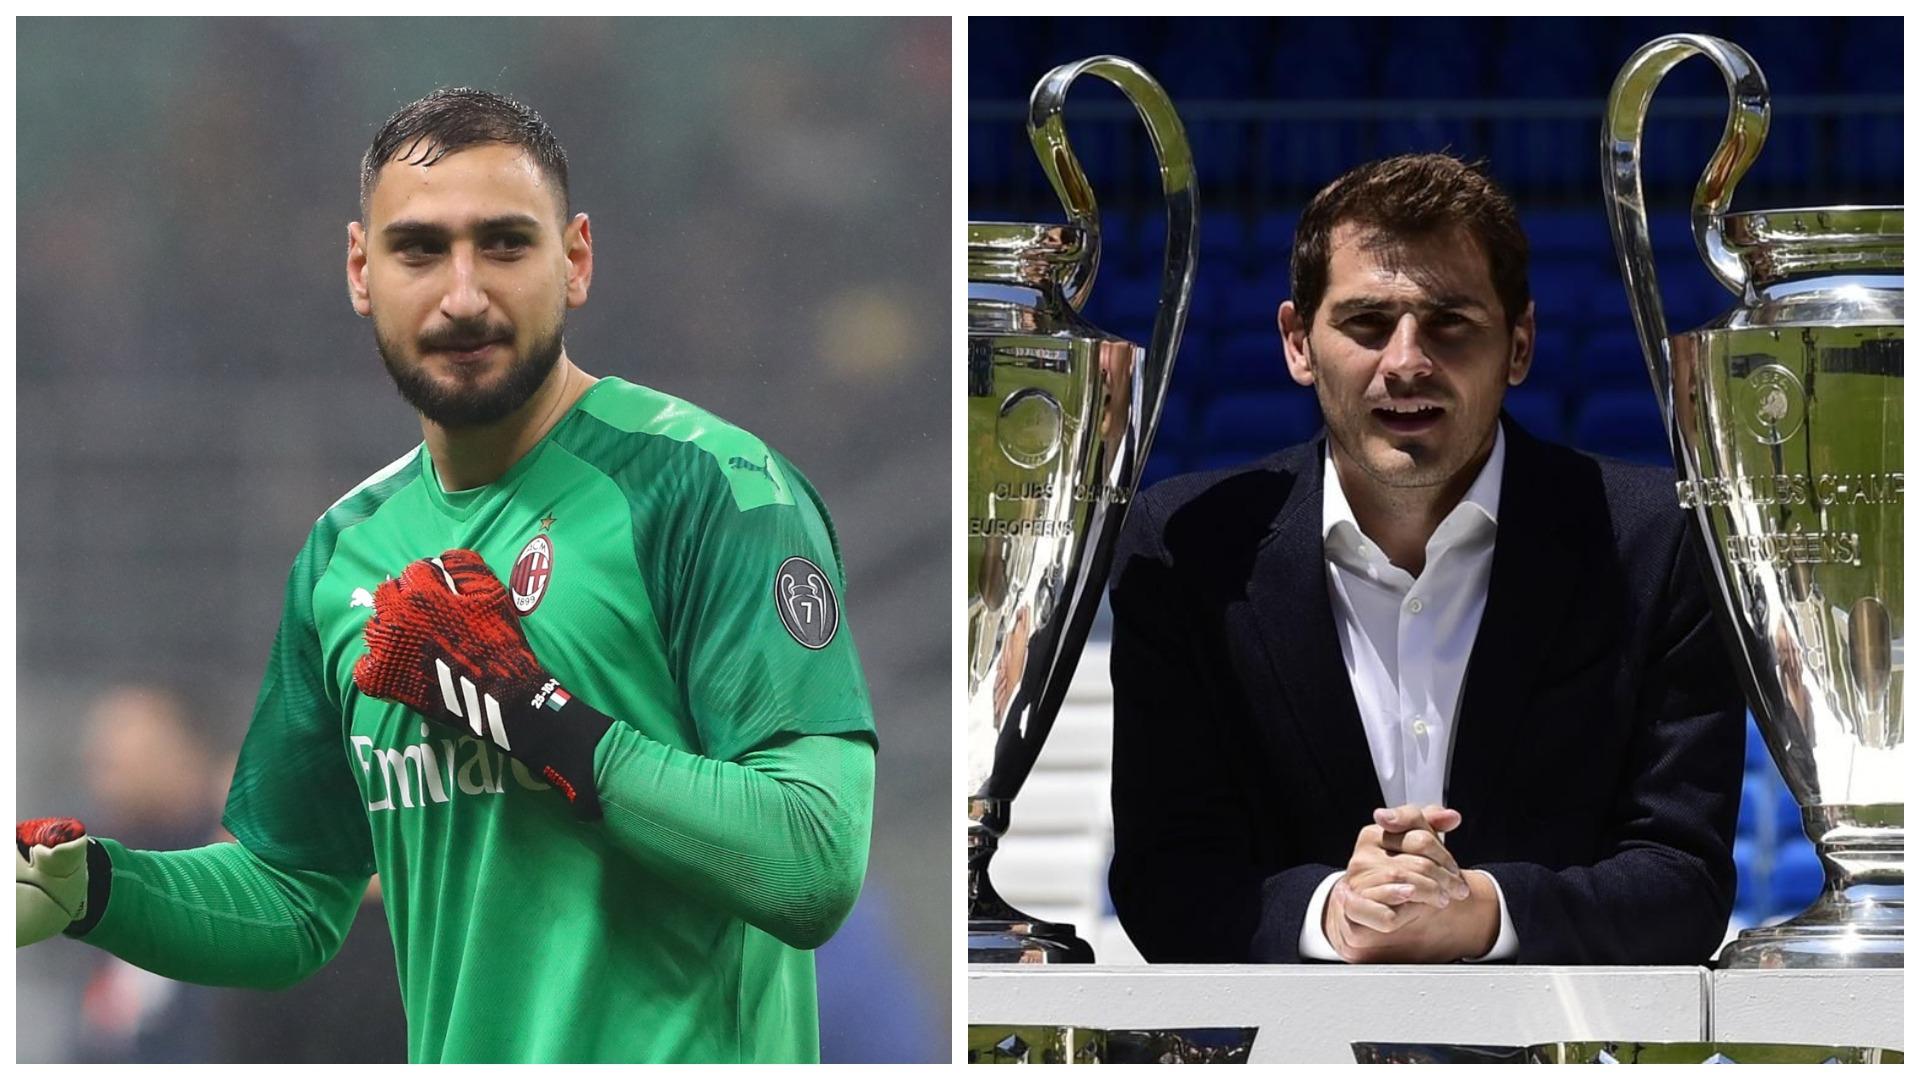 Casillas: Donnarumma të zgjedhë një klub më me traditë. Gabim! Milani ka traditë